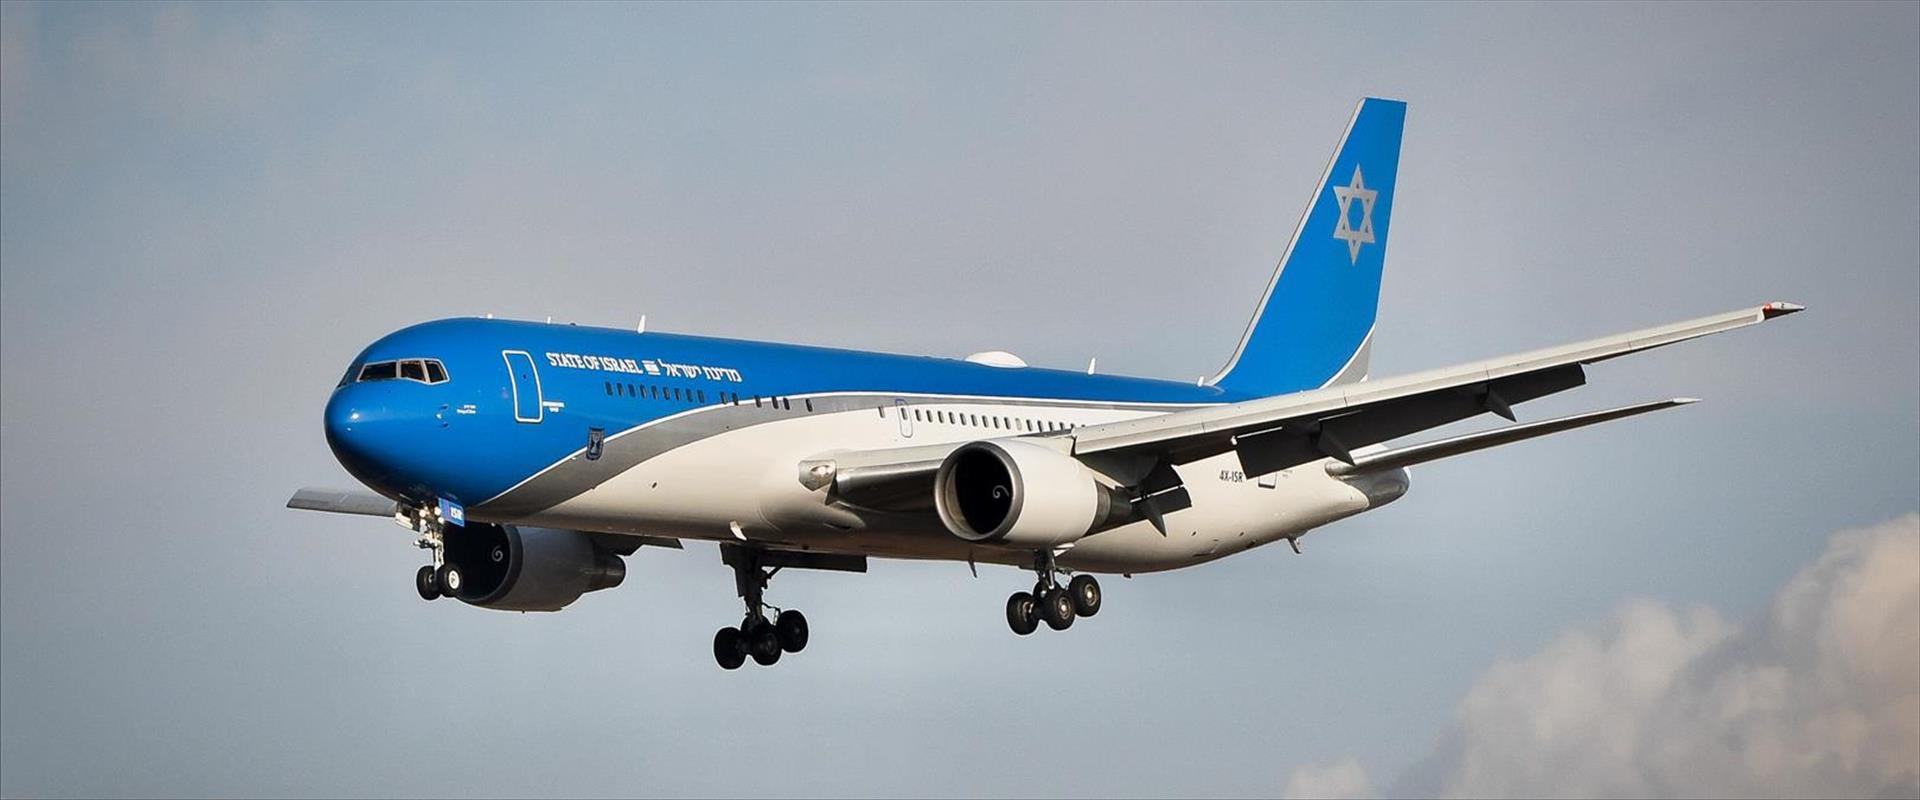 מטוס ראש הממשלה, ארכיון